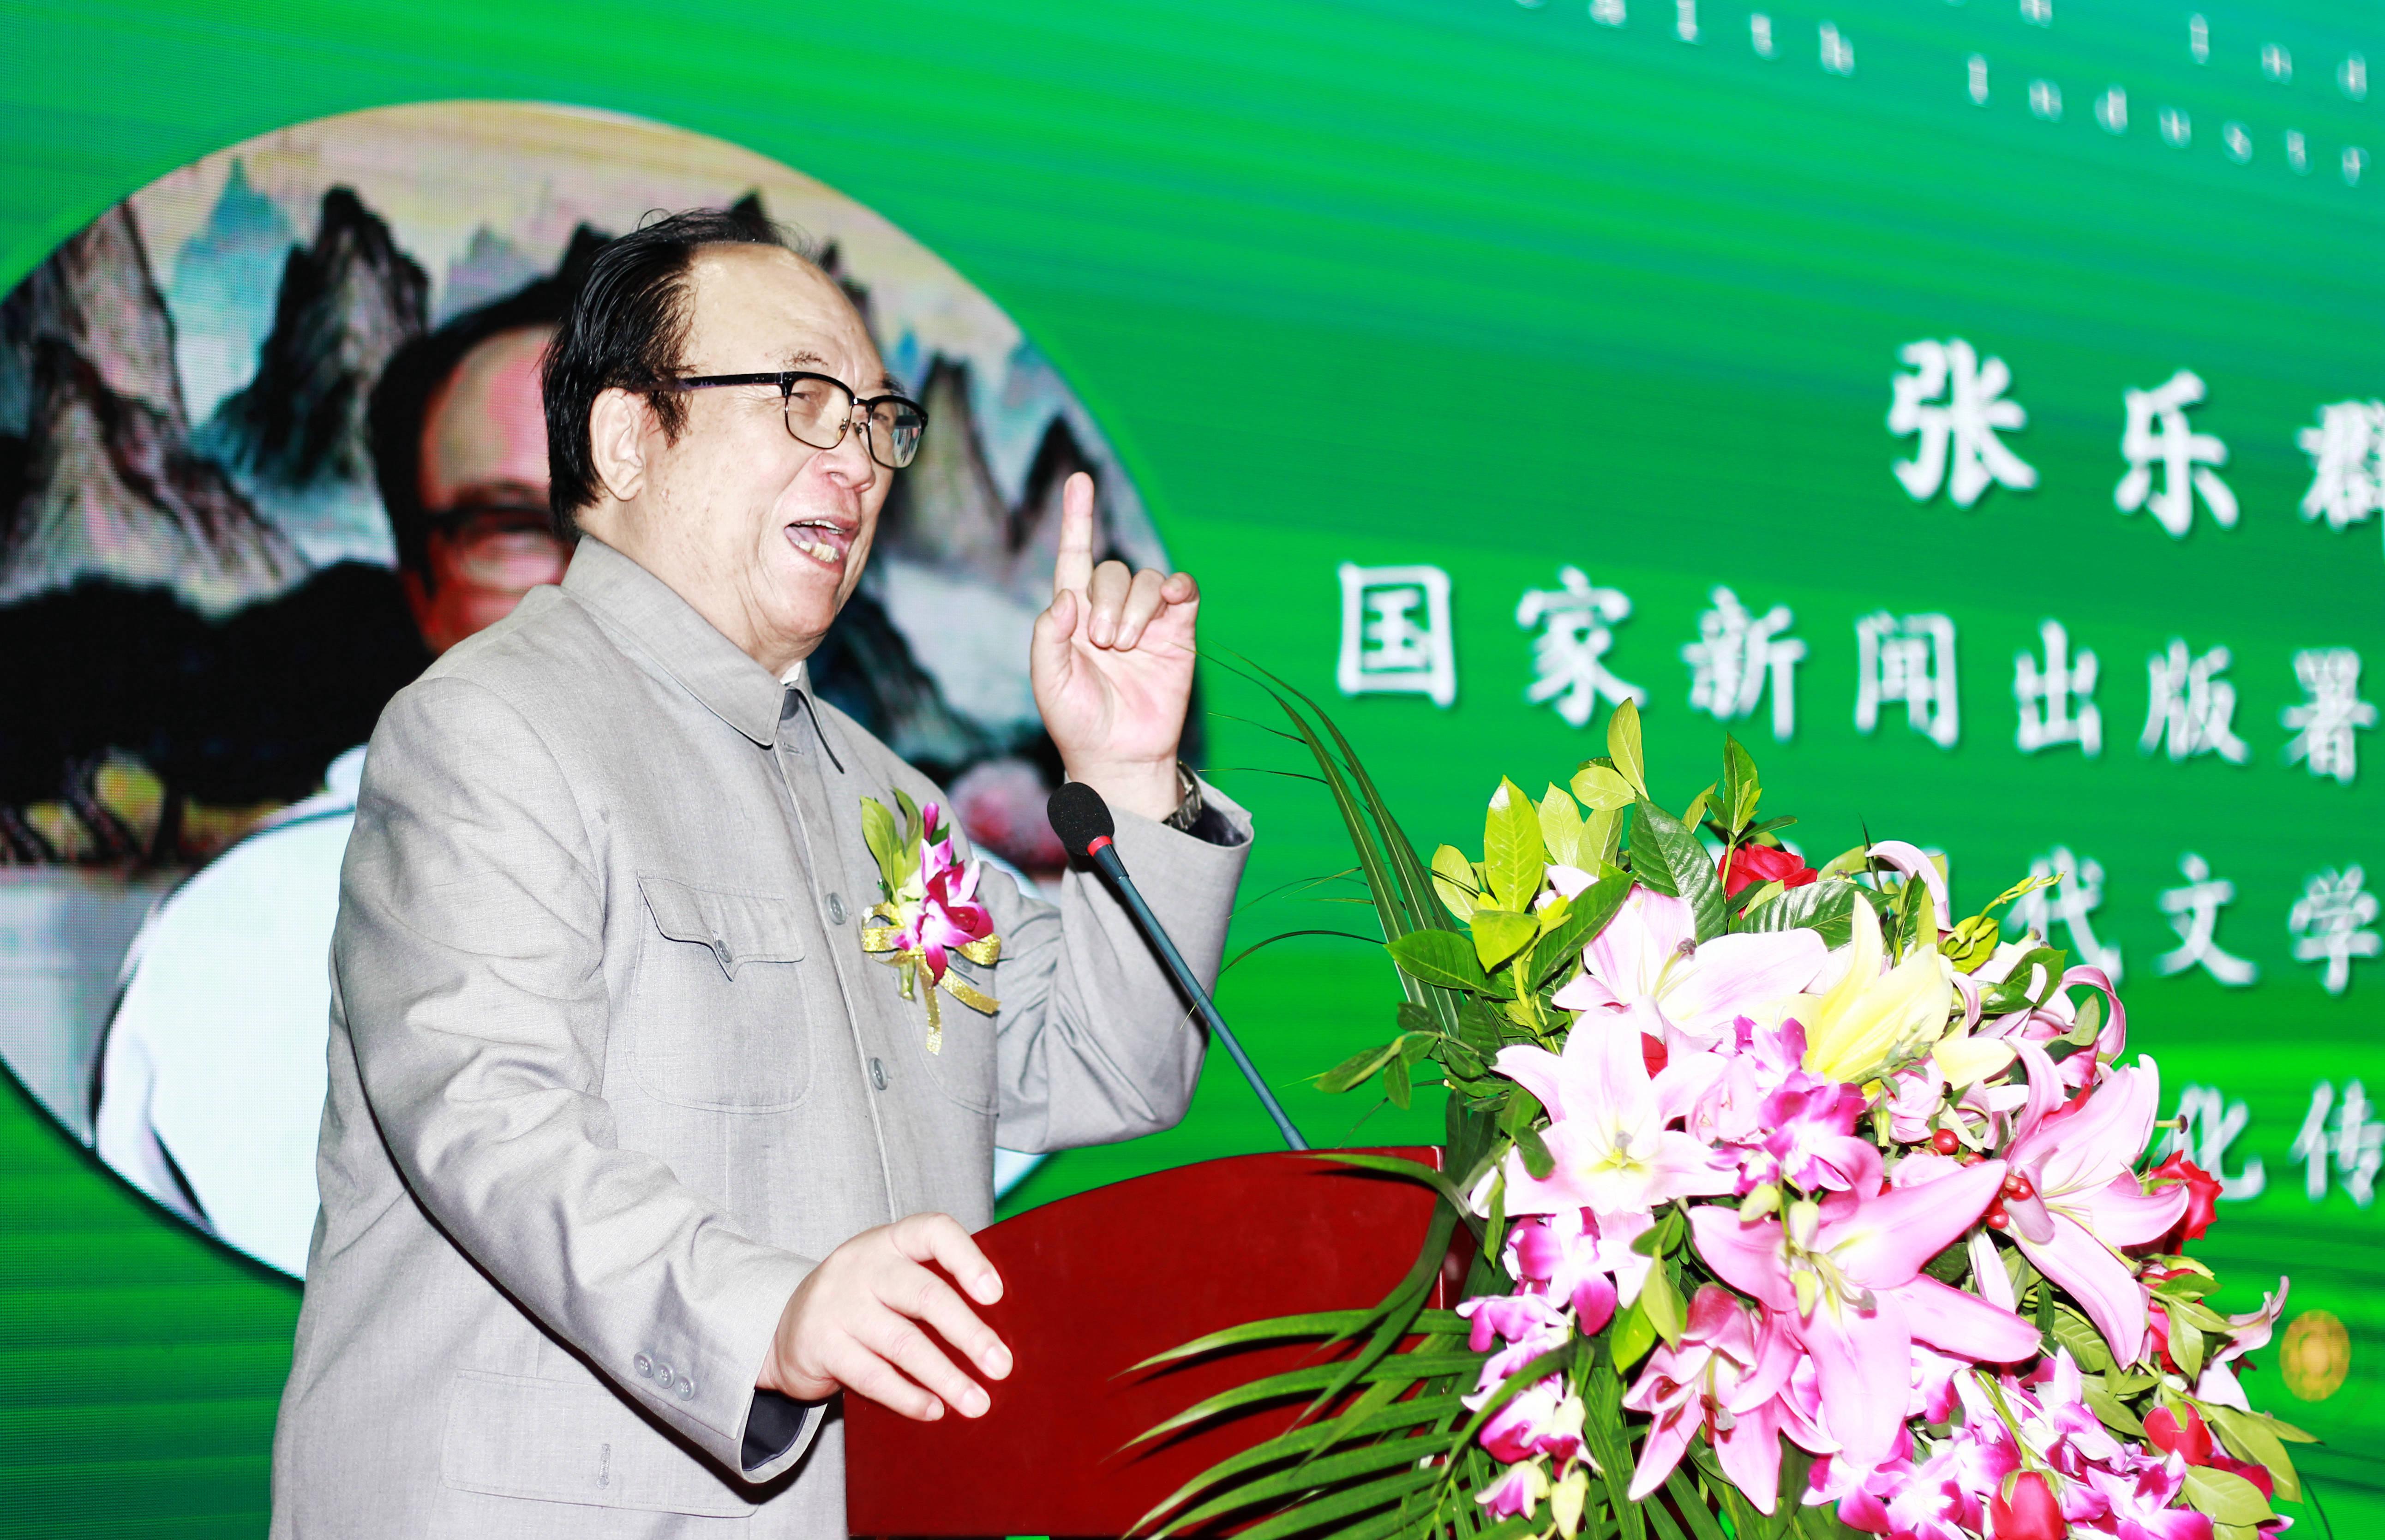 国际大健康文化节暨国际大健康全产业链博览会开幕式